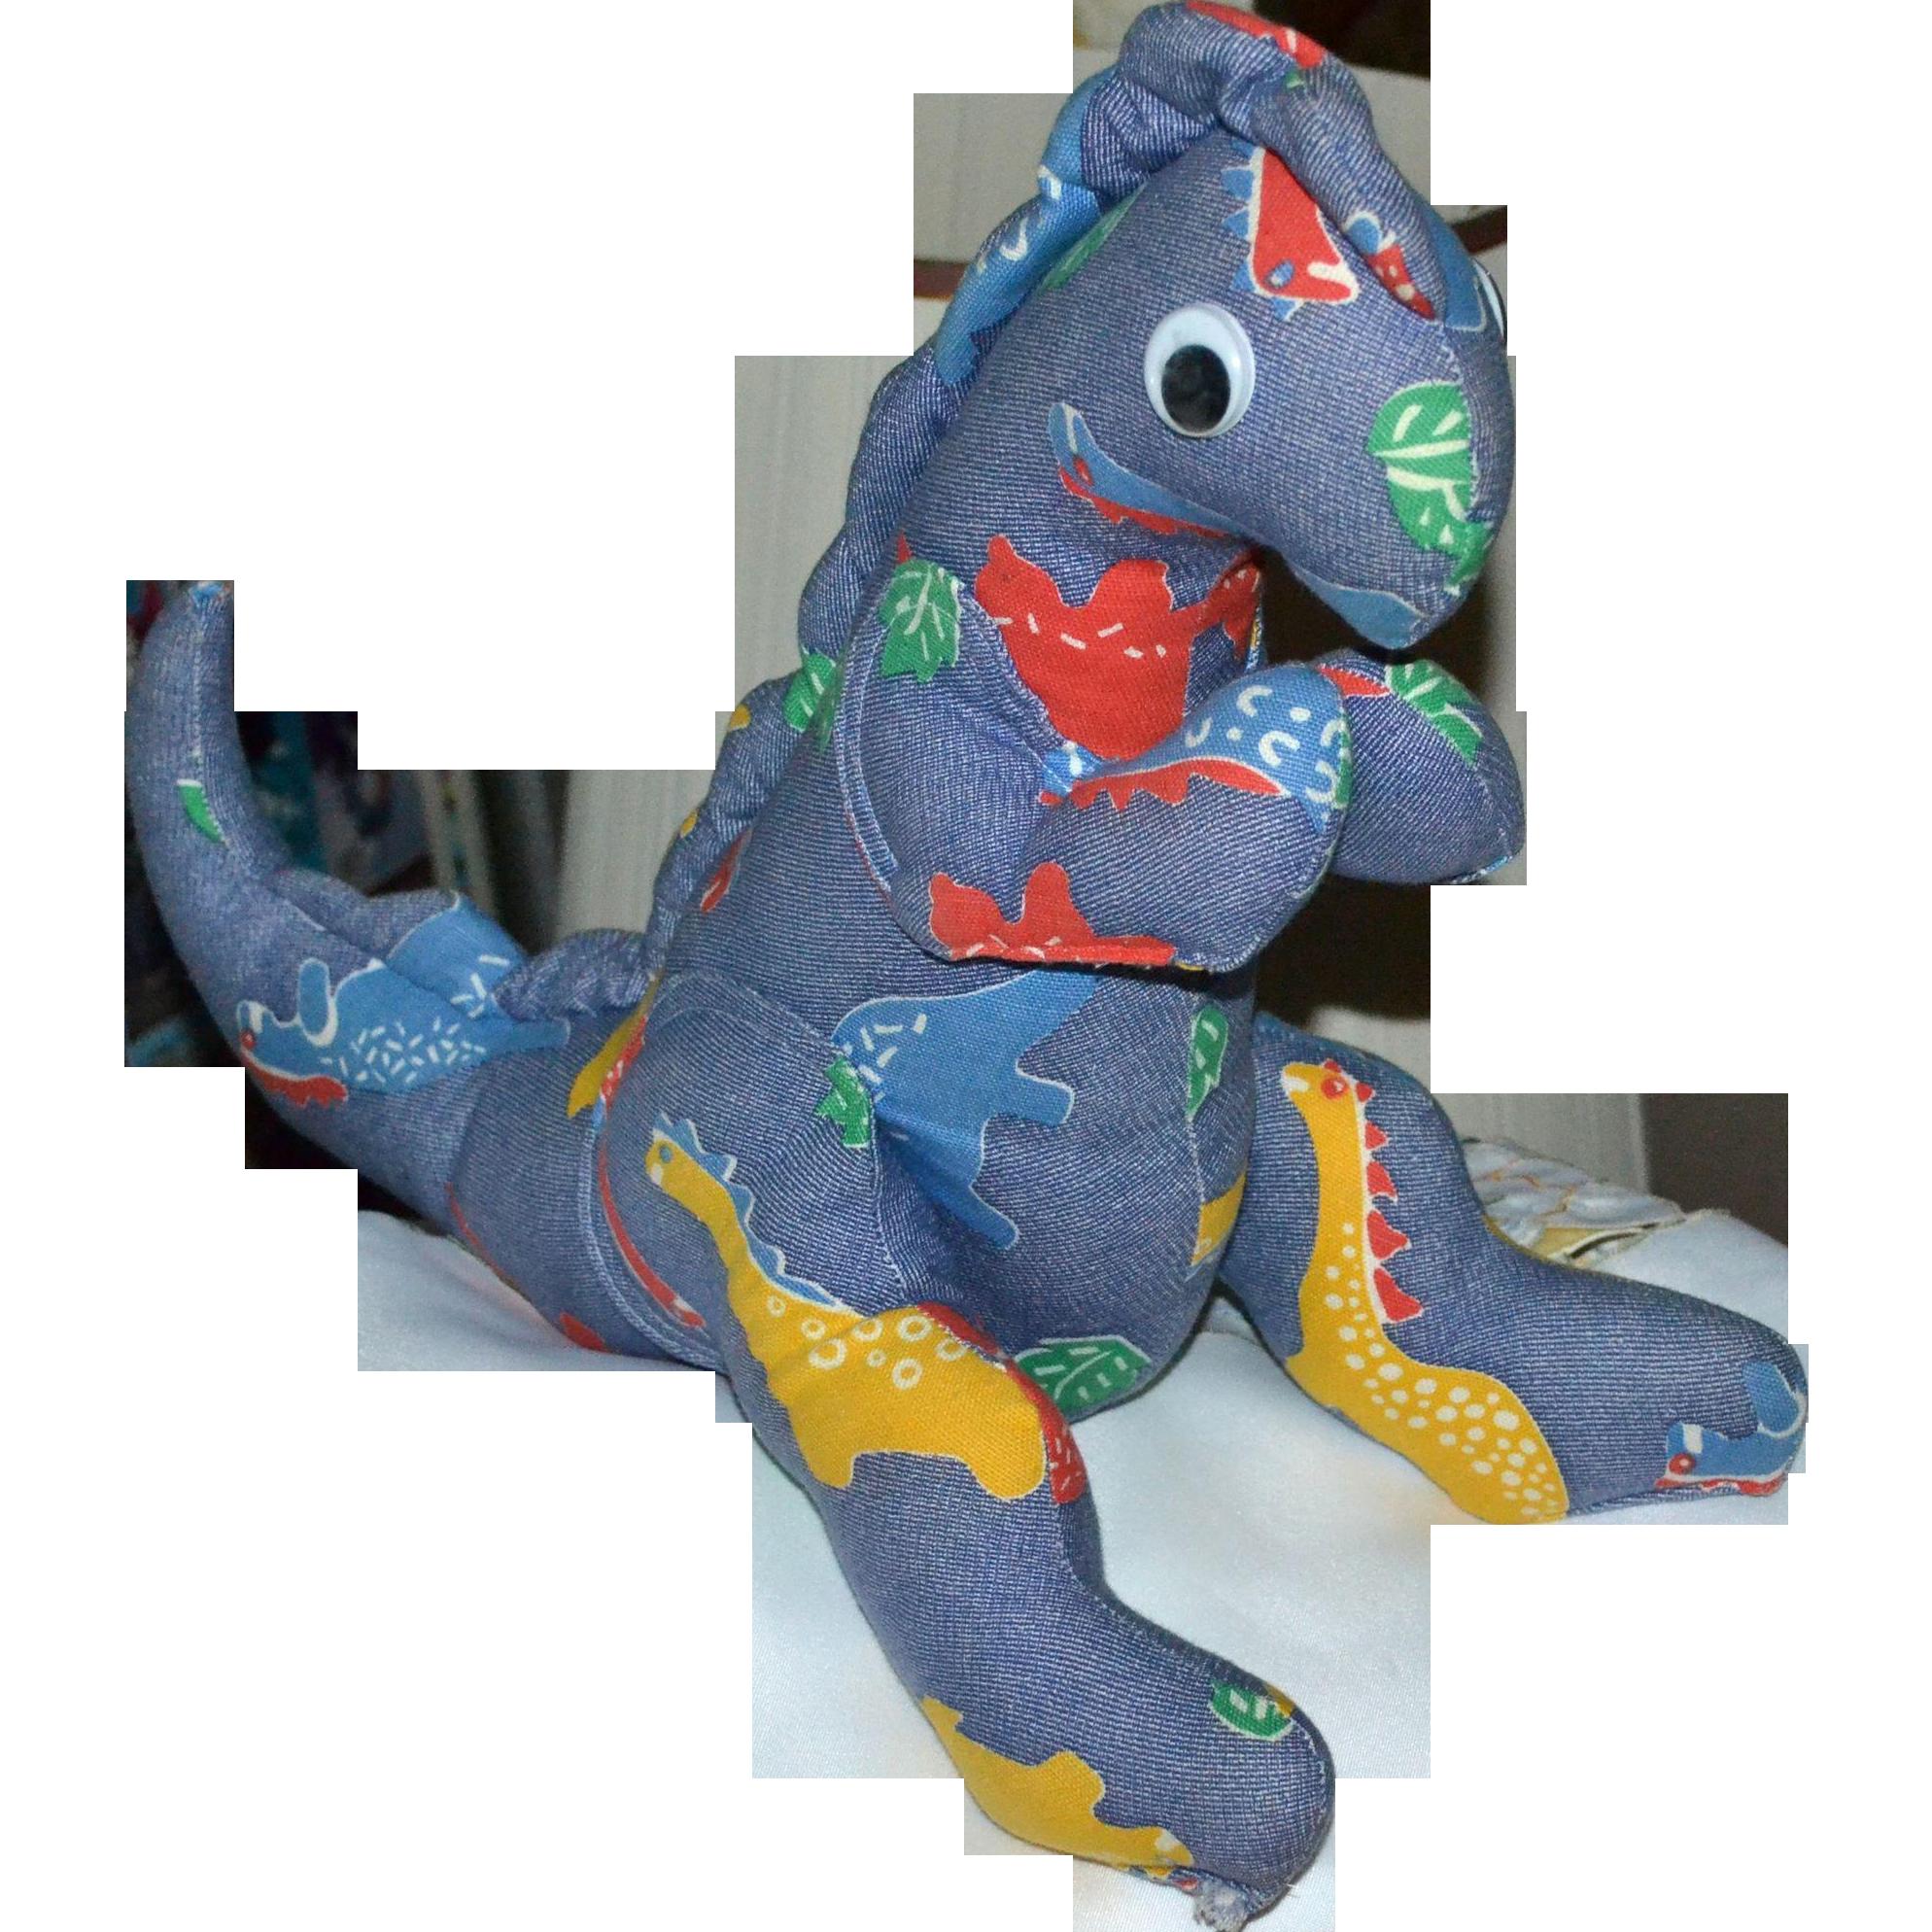 Large Googly-Eyed Denim Dinosaur Primitive Style Plush Toy